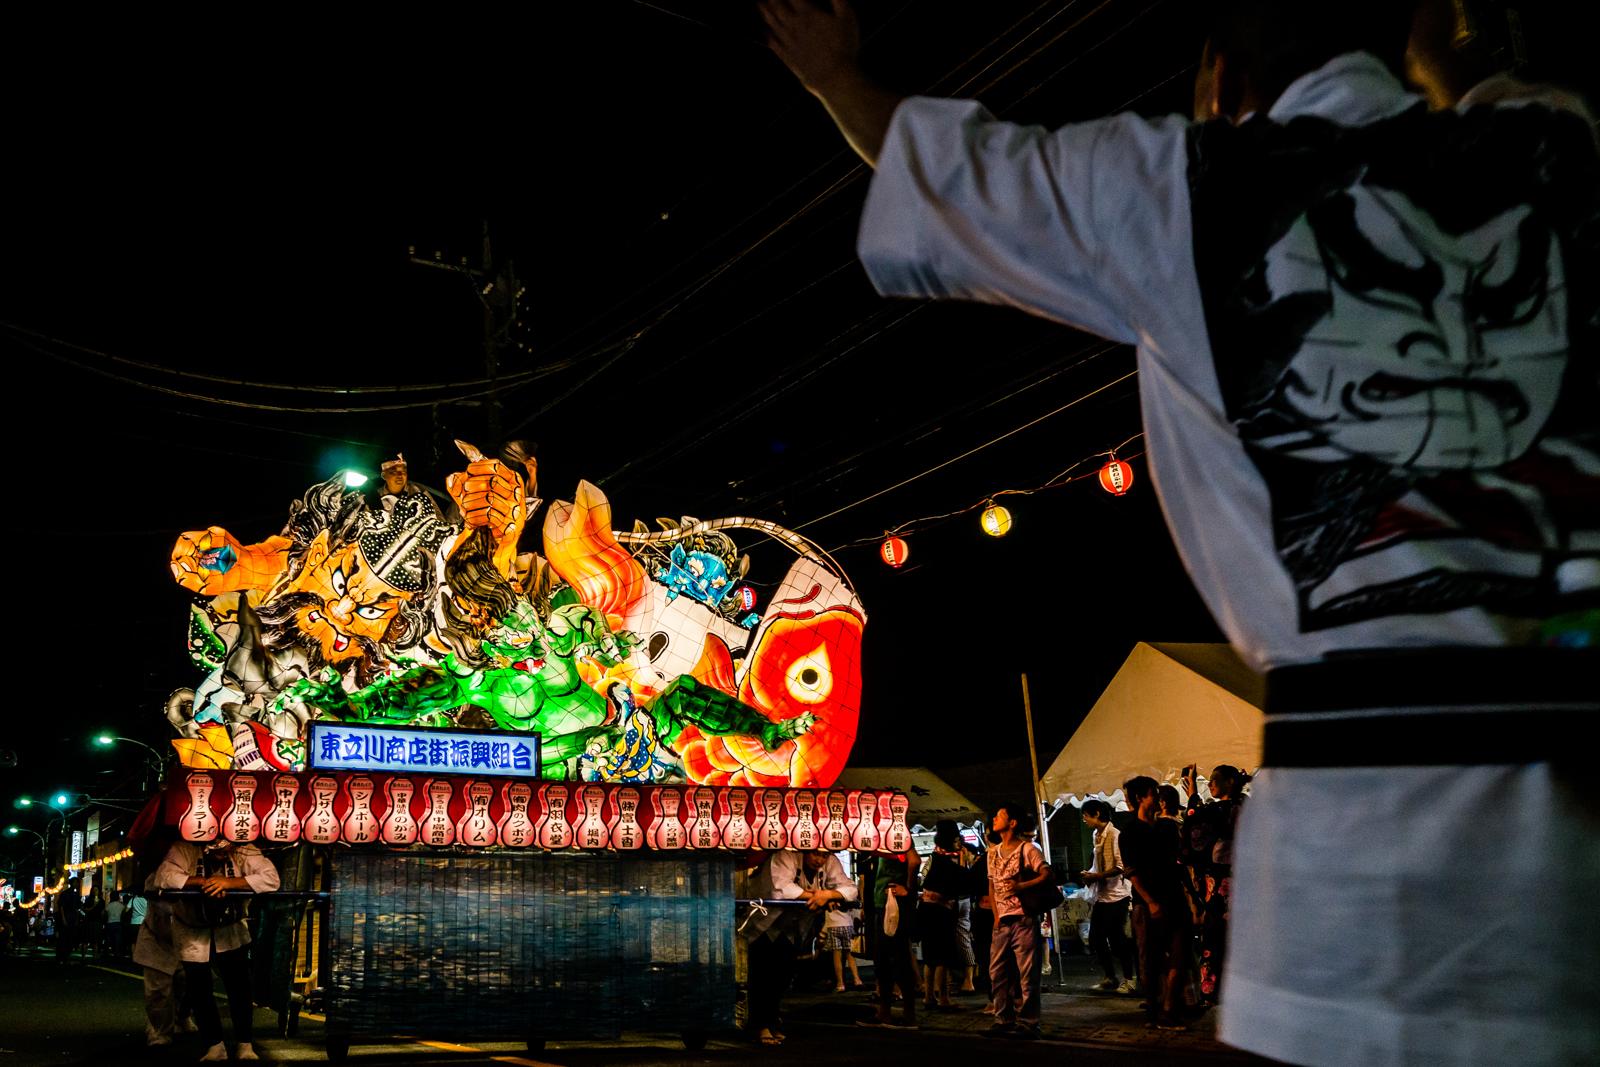 立川、ねぶた祭りの写真